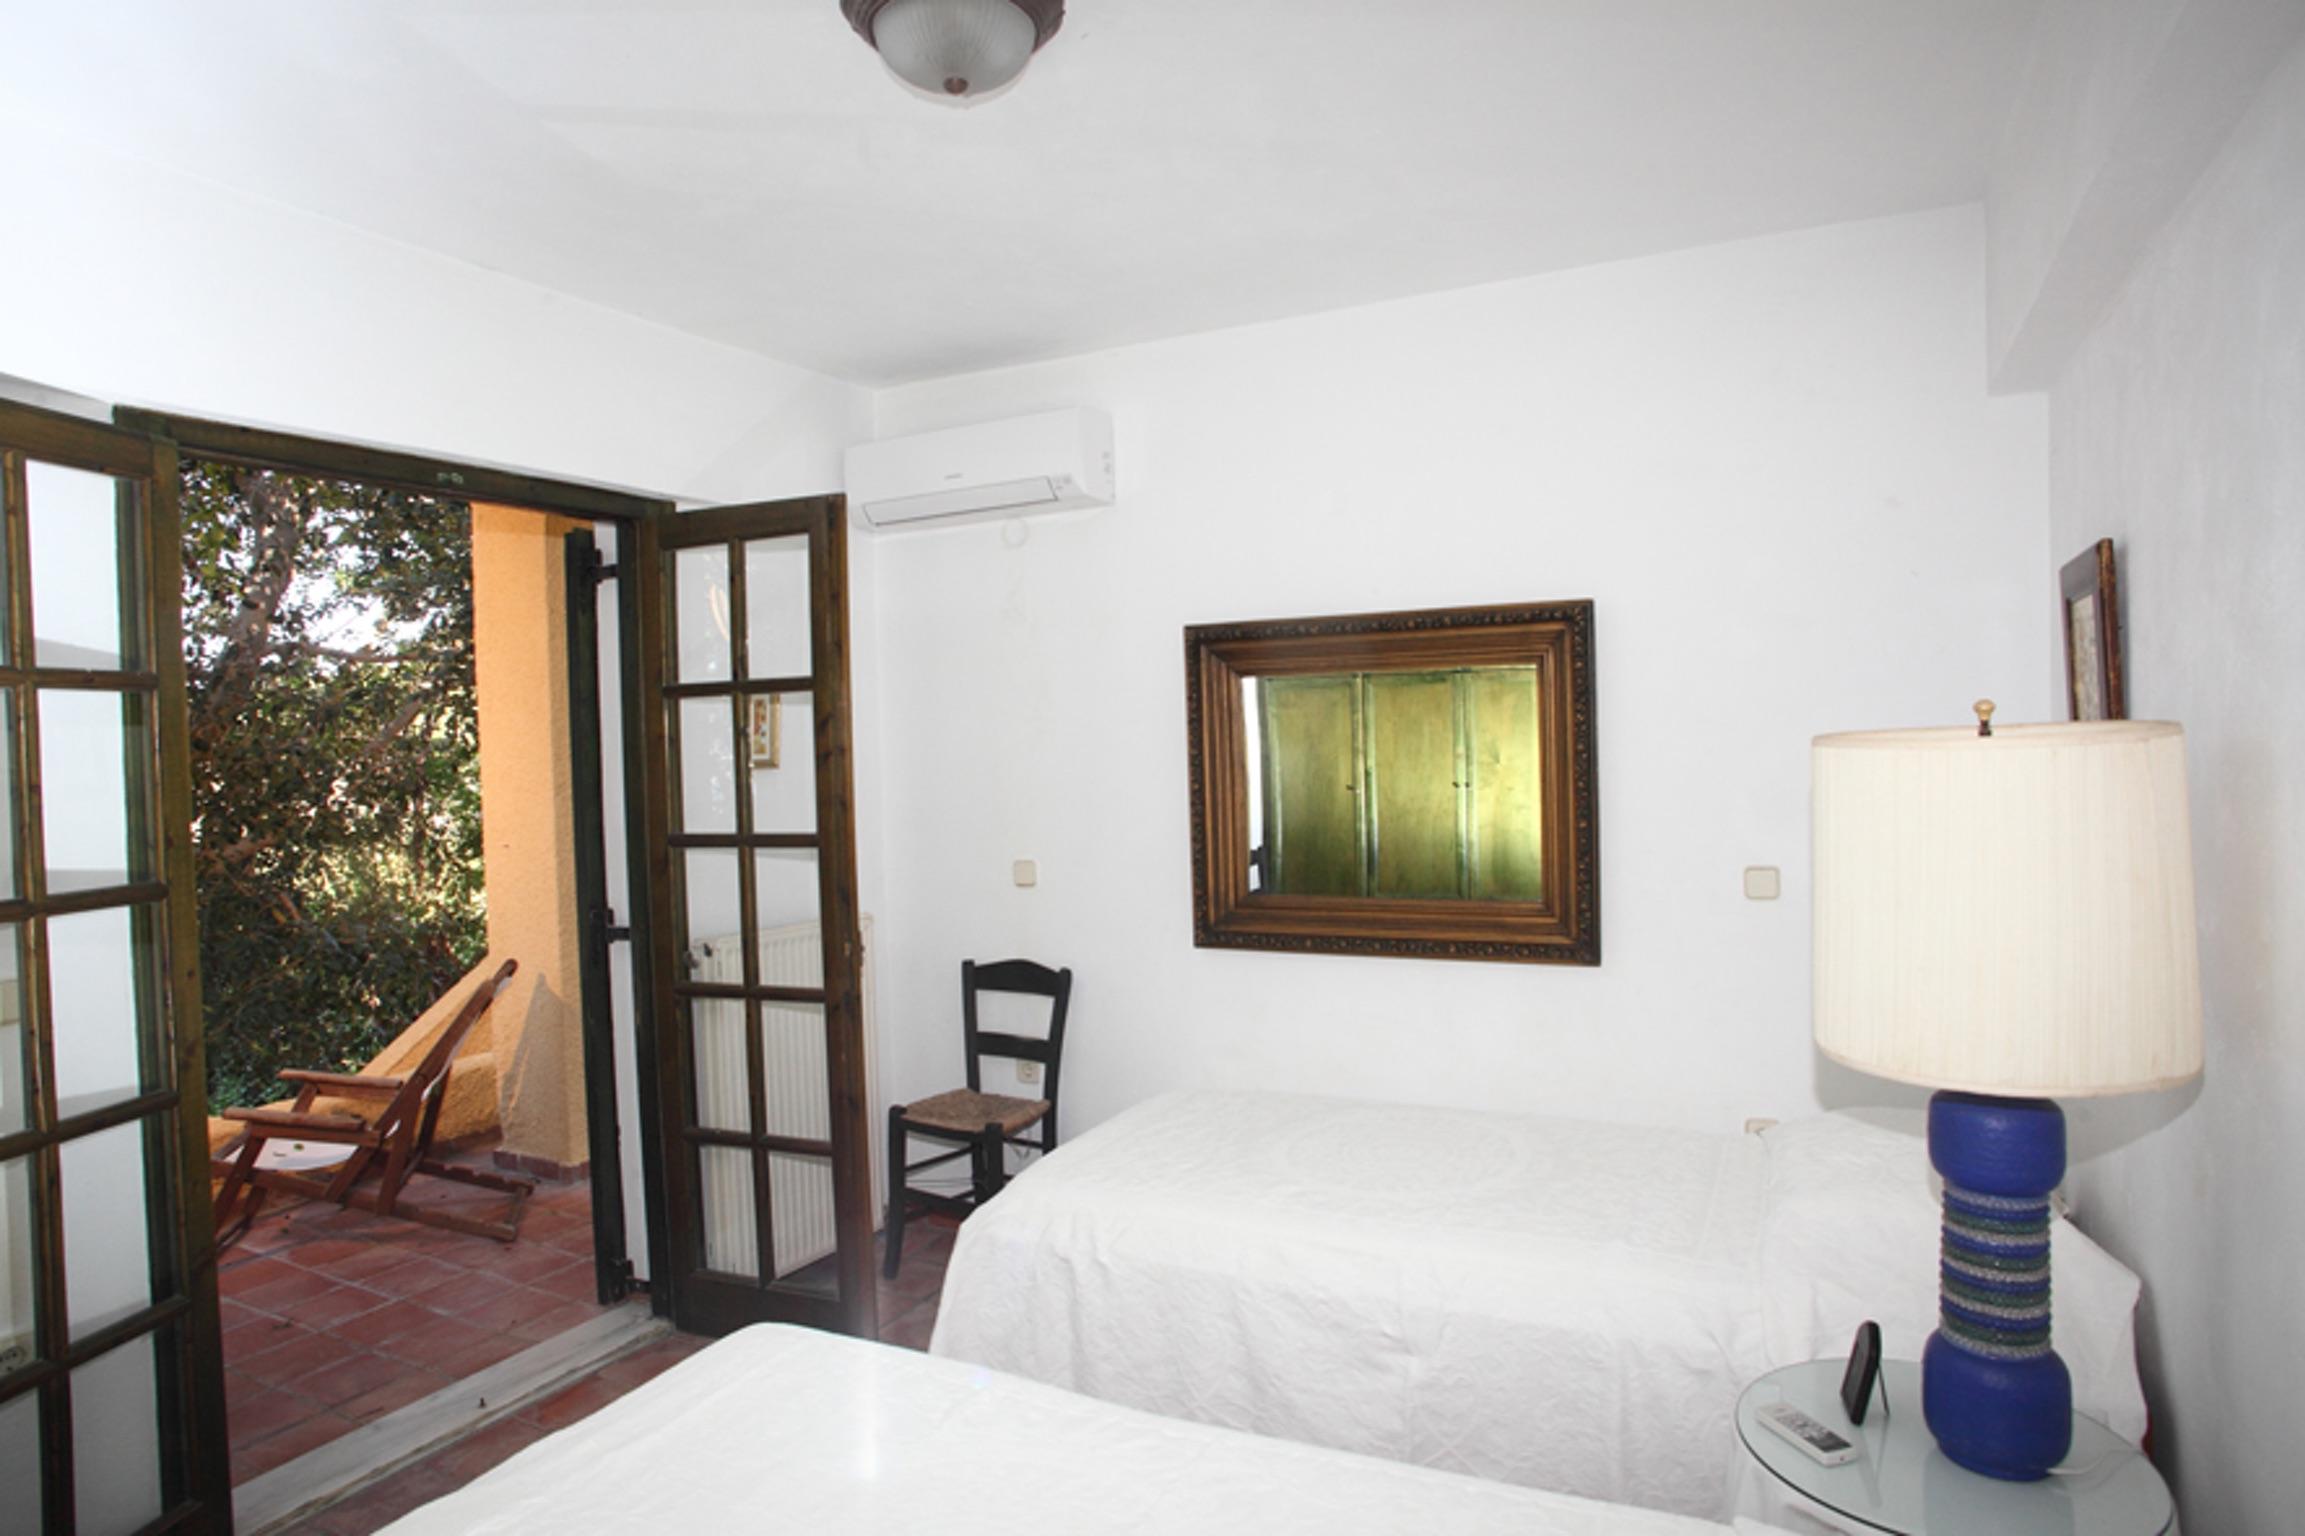 Ferienhaus Villa mit 4 Zimmern in Kosta mit herrlichem Meerblick, privatem Pool, eingezäuntem Garten  (2271451), Kosta (GR), , Peloponnes, Griechenland, Bild 9